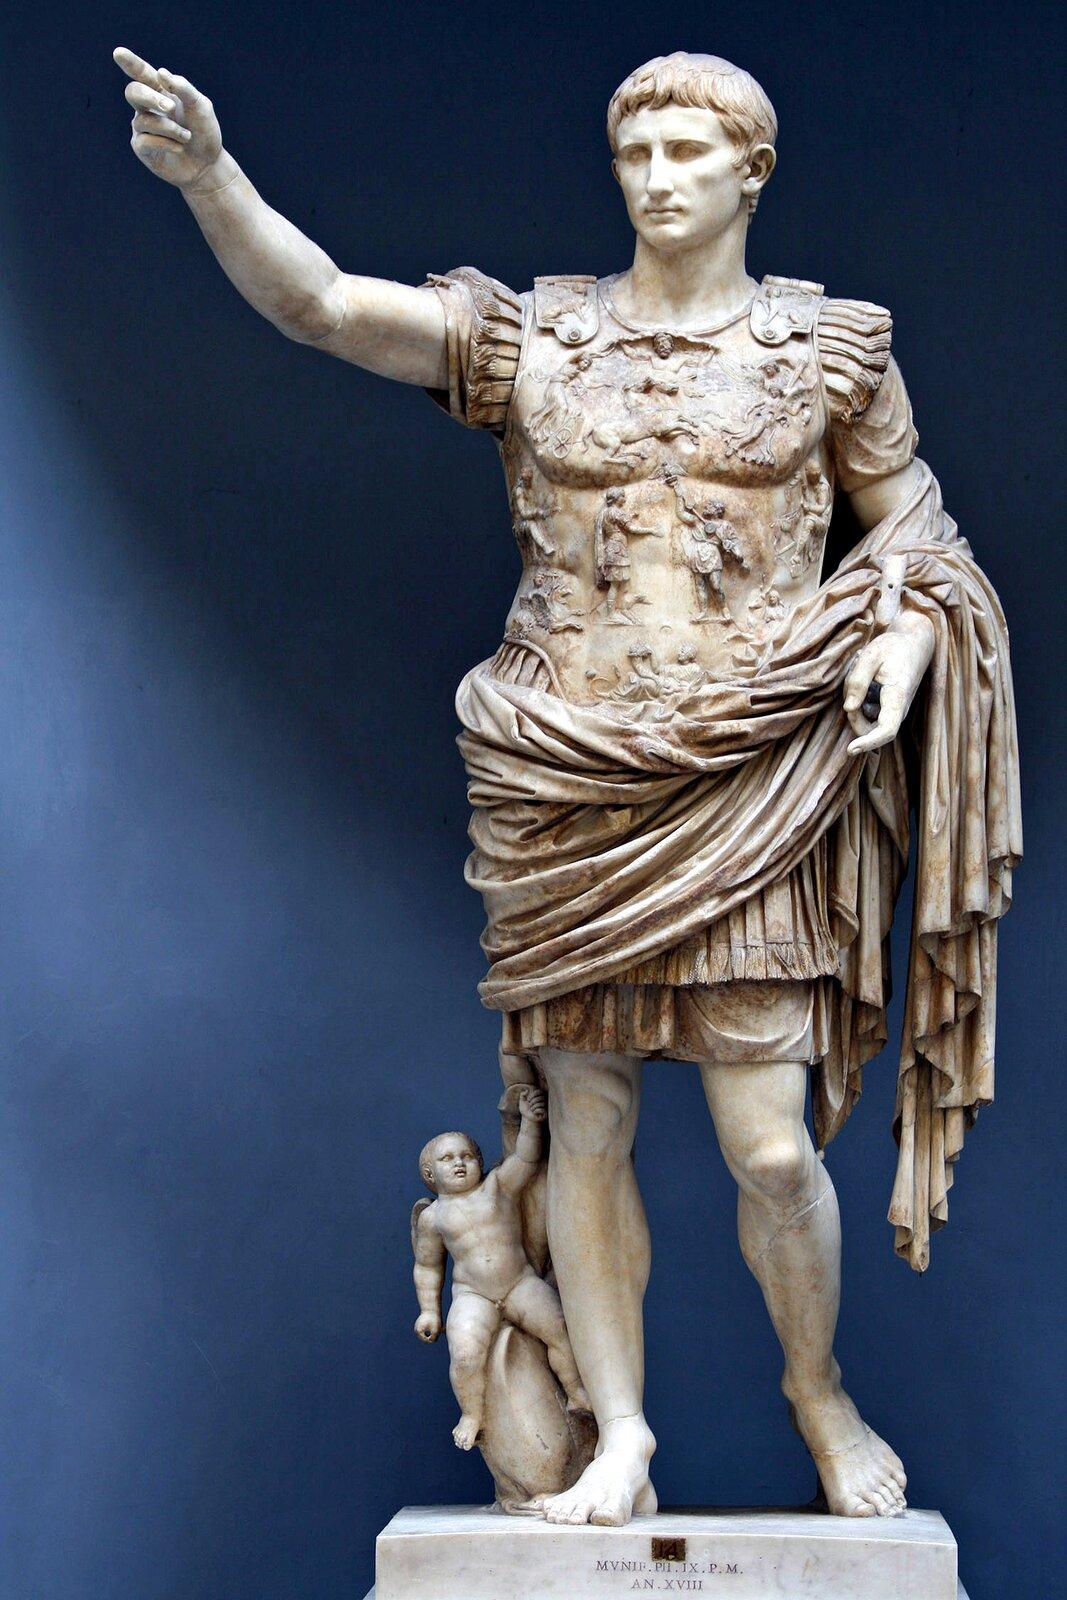 Zdjęcie przedstawia rzeźbę Gajusza Juliusza Cezara. Rzeźba wykonana zbiałego kamienia. Postać przodem do odbiorcy. Cezar wtradycyjnej zbroi rzymskiej. Tors iramiona zakryte zbroją. Lewa ręka uniesiona. Prawa ręka przytrzymuje togę zawiniętą wokół bioder. Głowa mała. Włosy krótkie. Grzywka równo przycięta nad brwiami. Nos iuszy małe. Twarz bez zarostu. Szyja szeroka. Nogi umięśnione. Stopy bez obuwia. Prawa noga lekko zgięta do tyłu, wsparta na palcach.